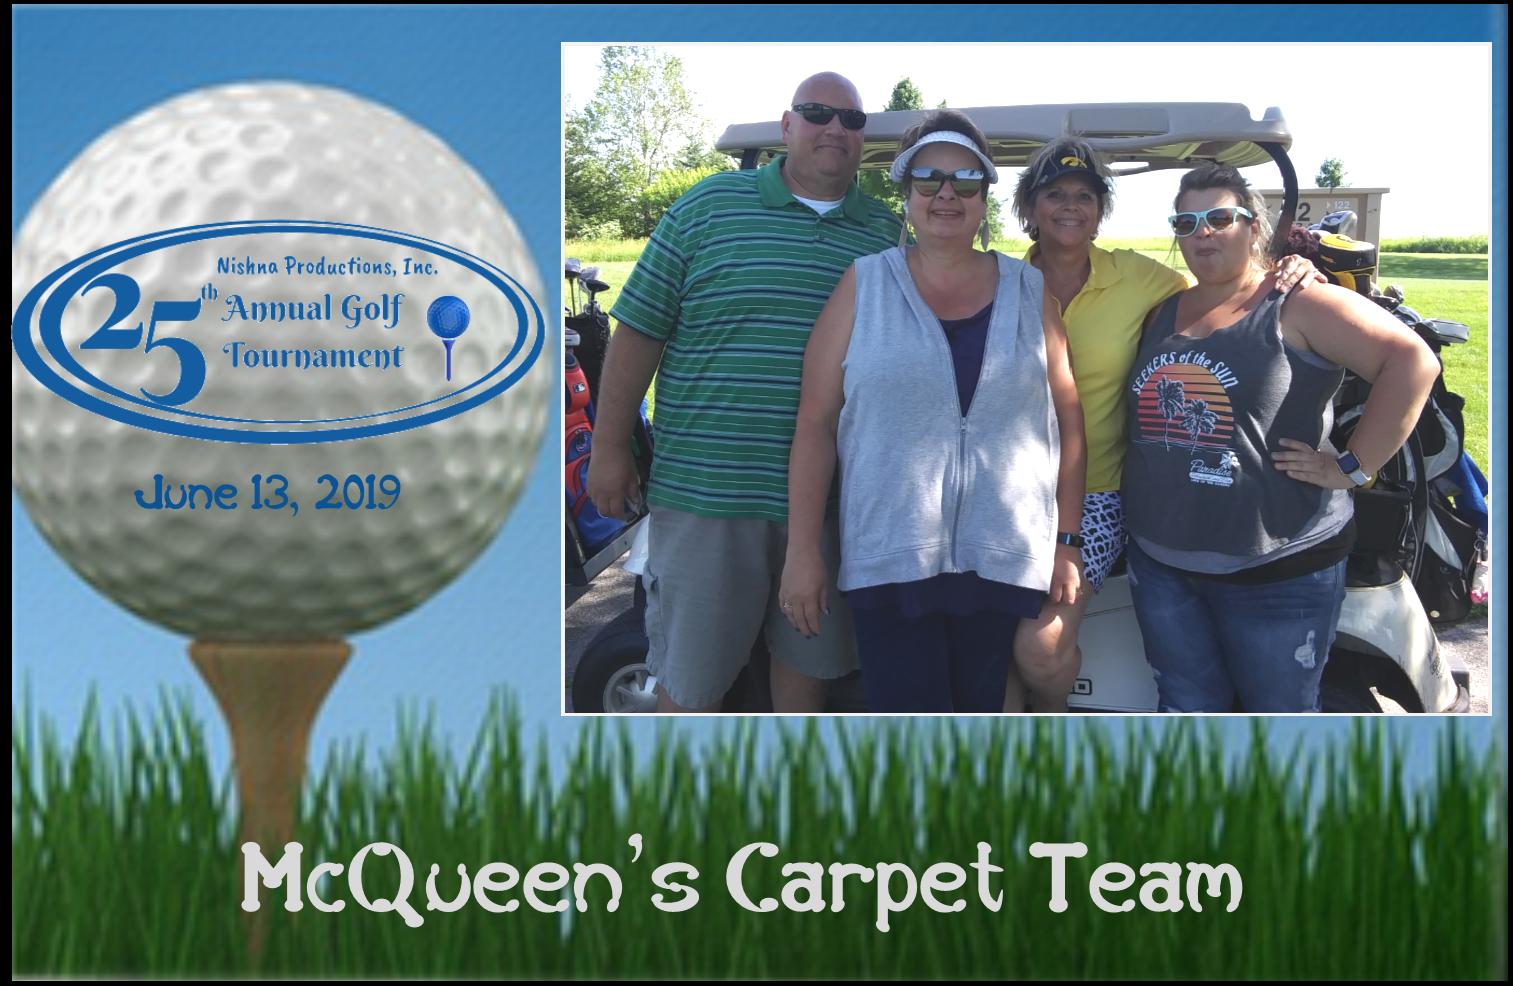 McQueen's Carpet Team